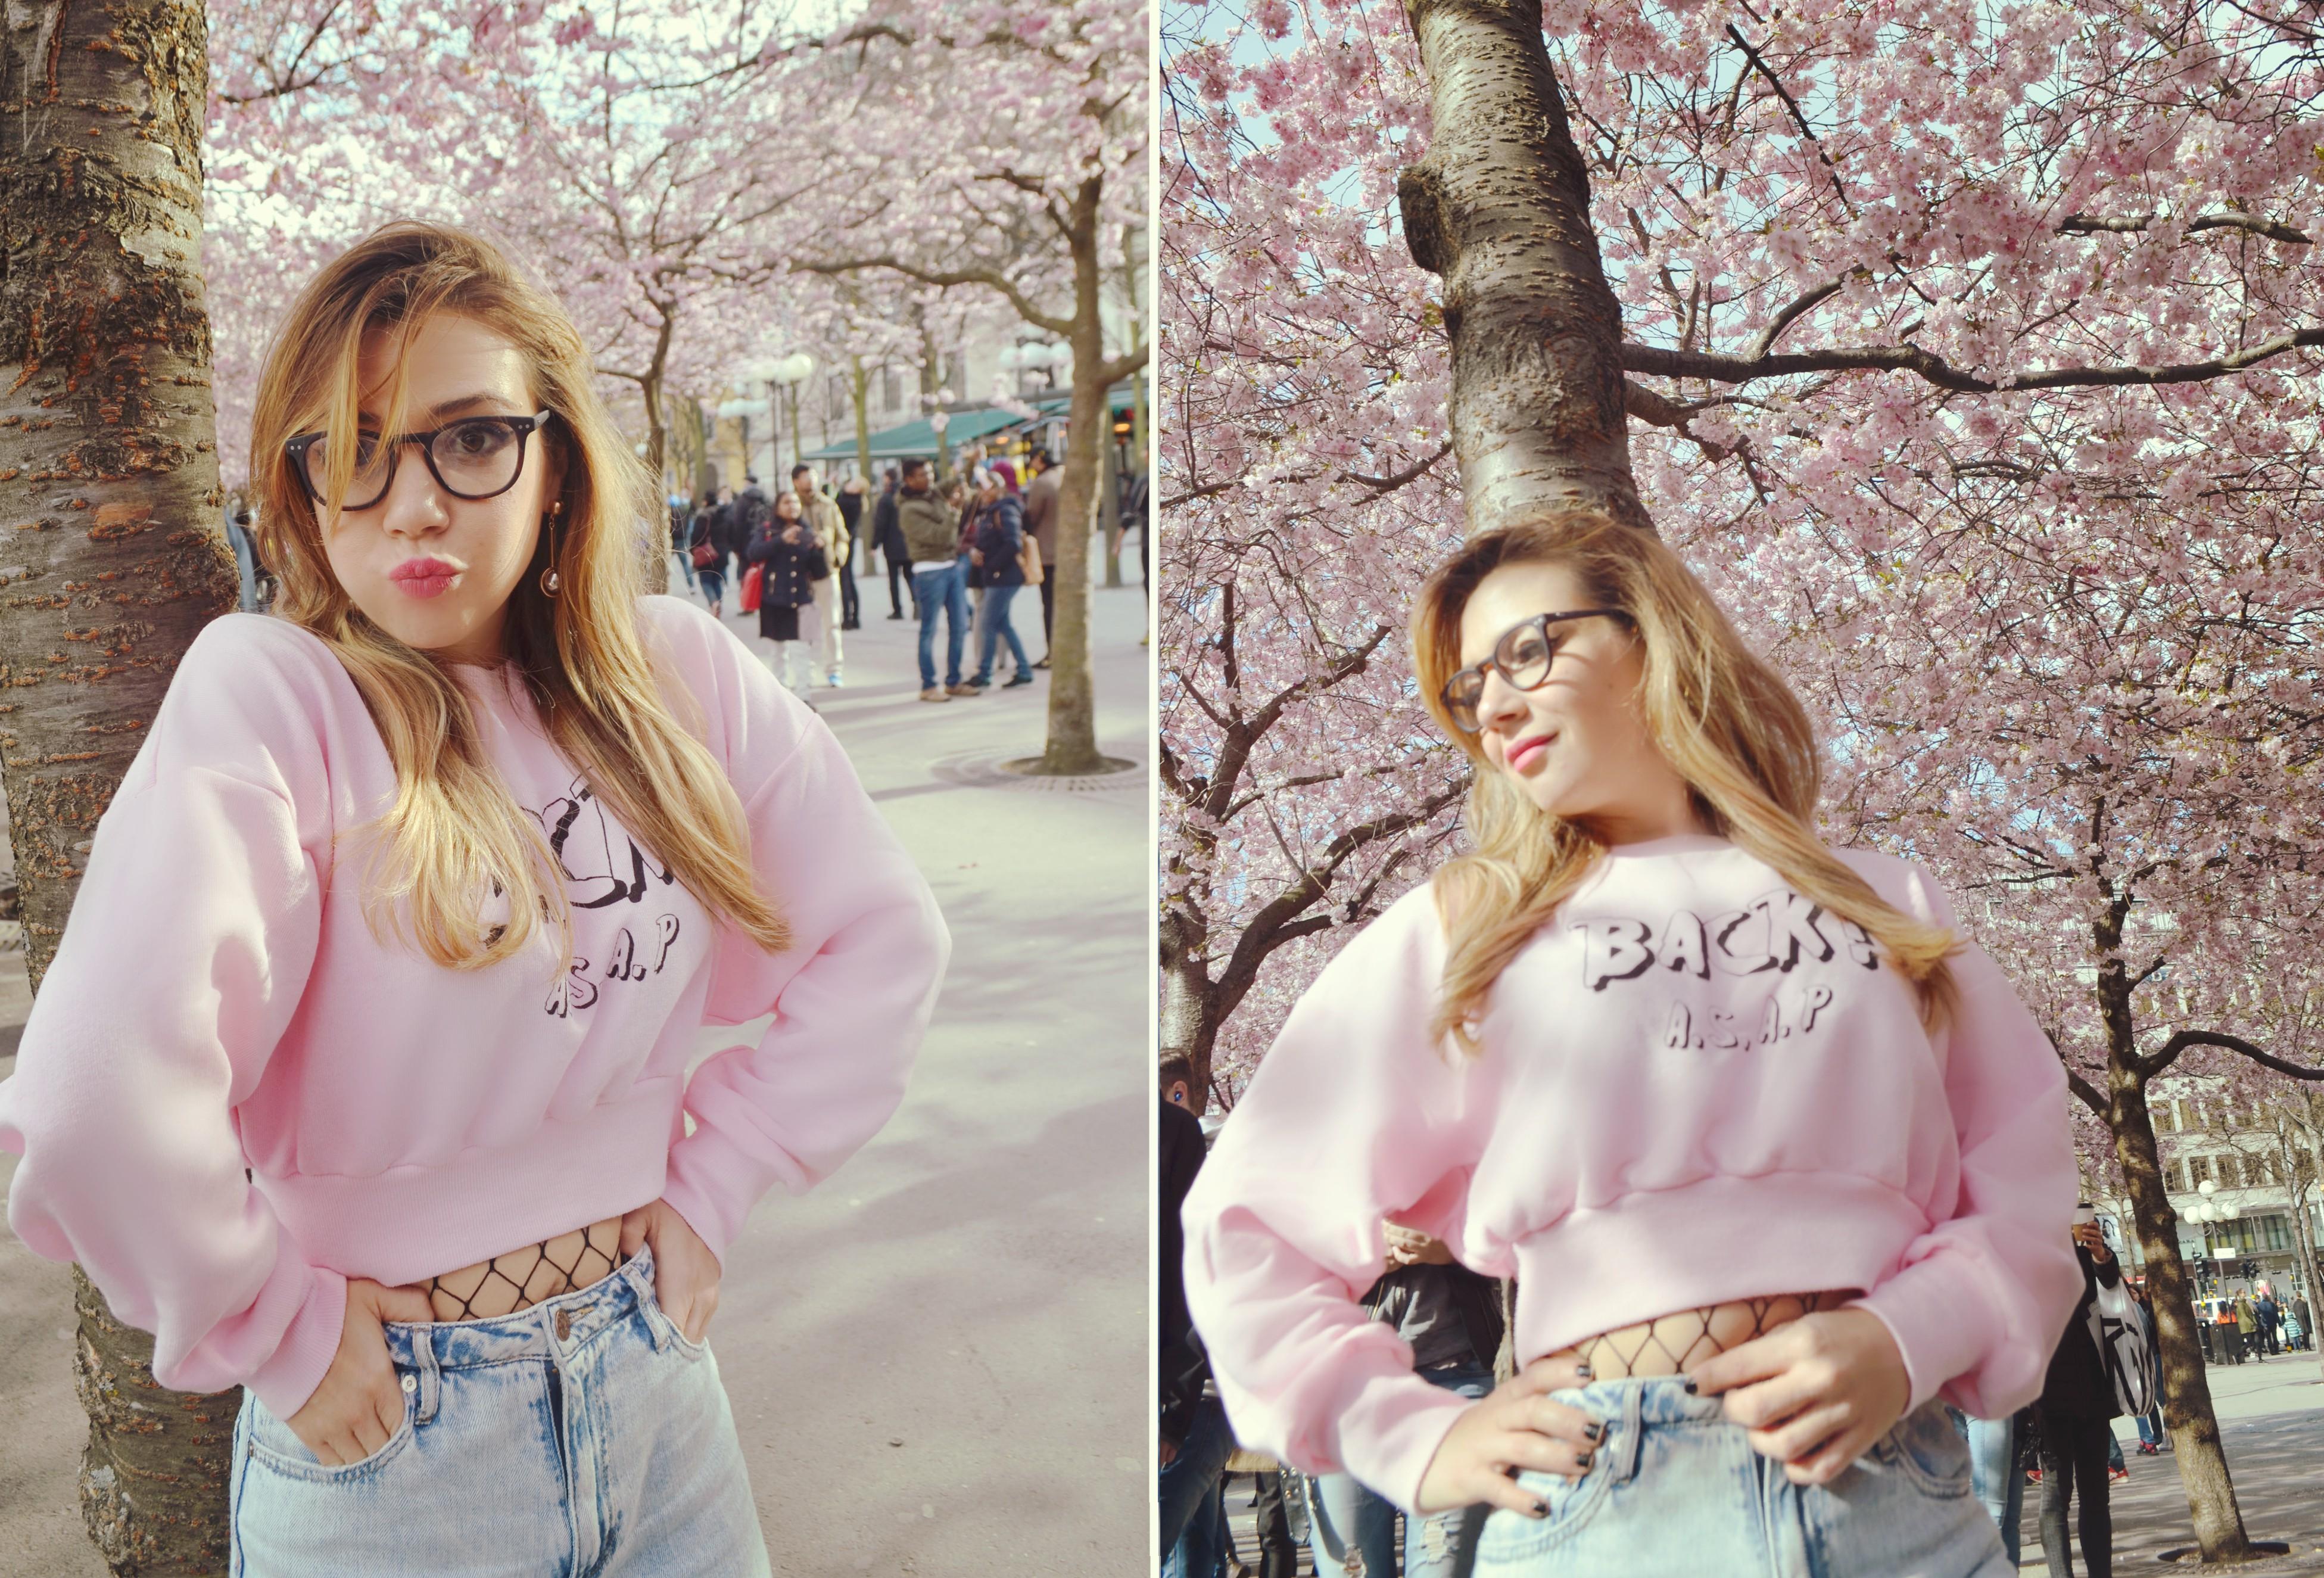 Fashionista-90s-look-ChicAdicta-influencer-medias-de-rejilla-zara-style-Chic-Adicta-que-ver-en-estocolmo-PiensaenChic-Piensa-en-Chic